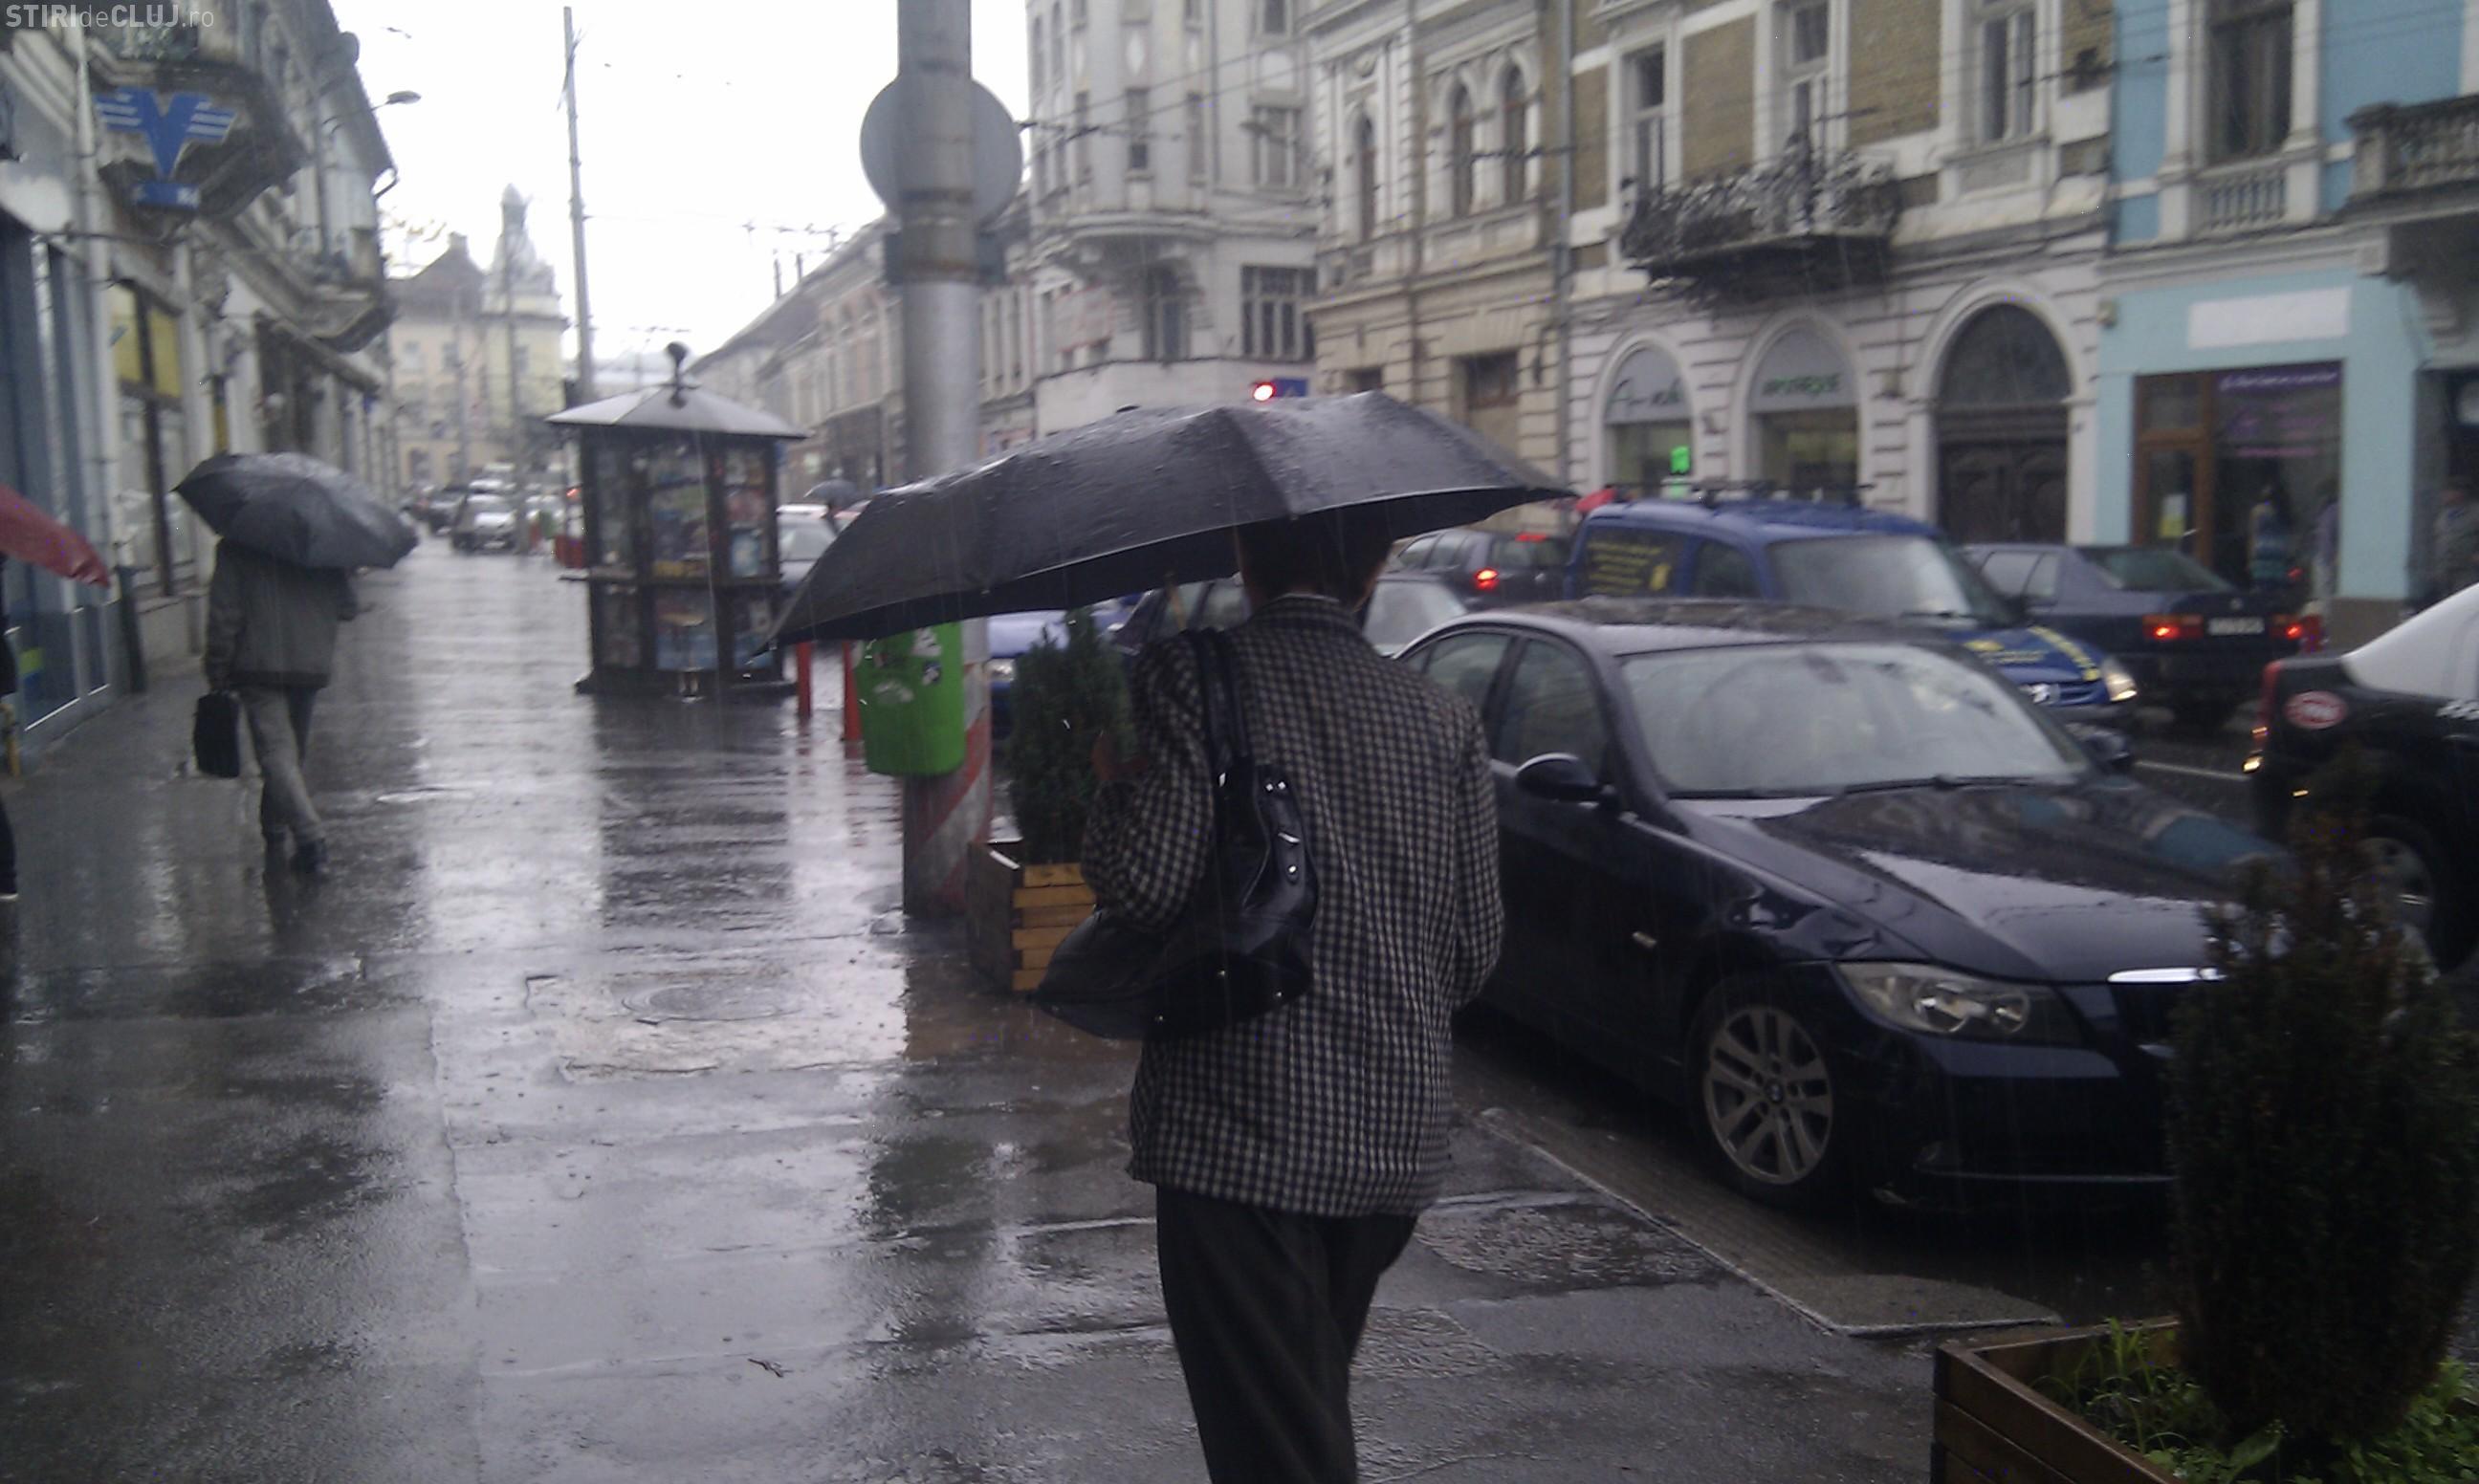 Tunete și ploaie la Cluj! Ce spun meteorologii